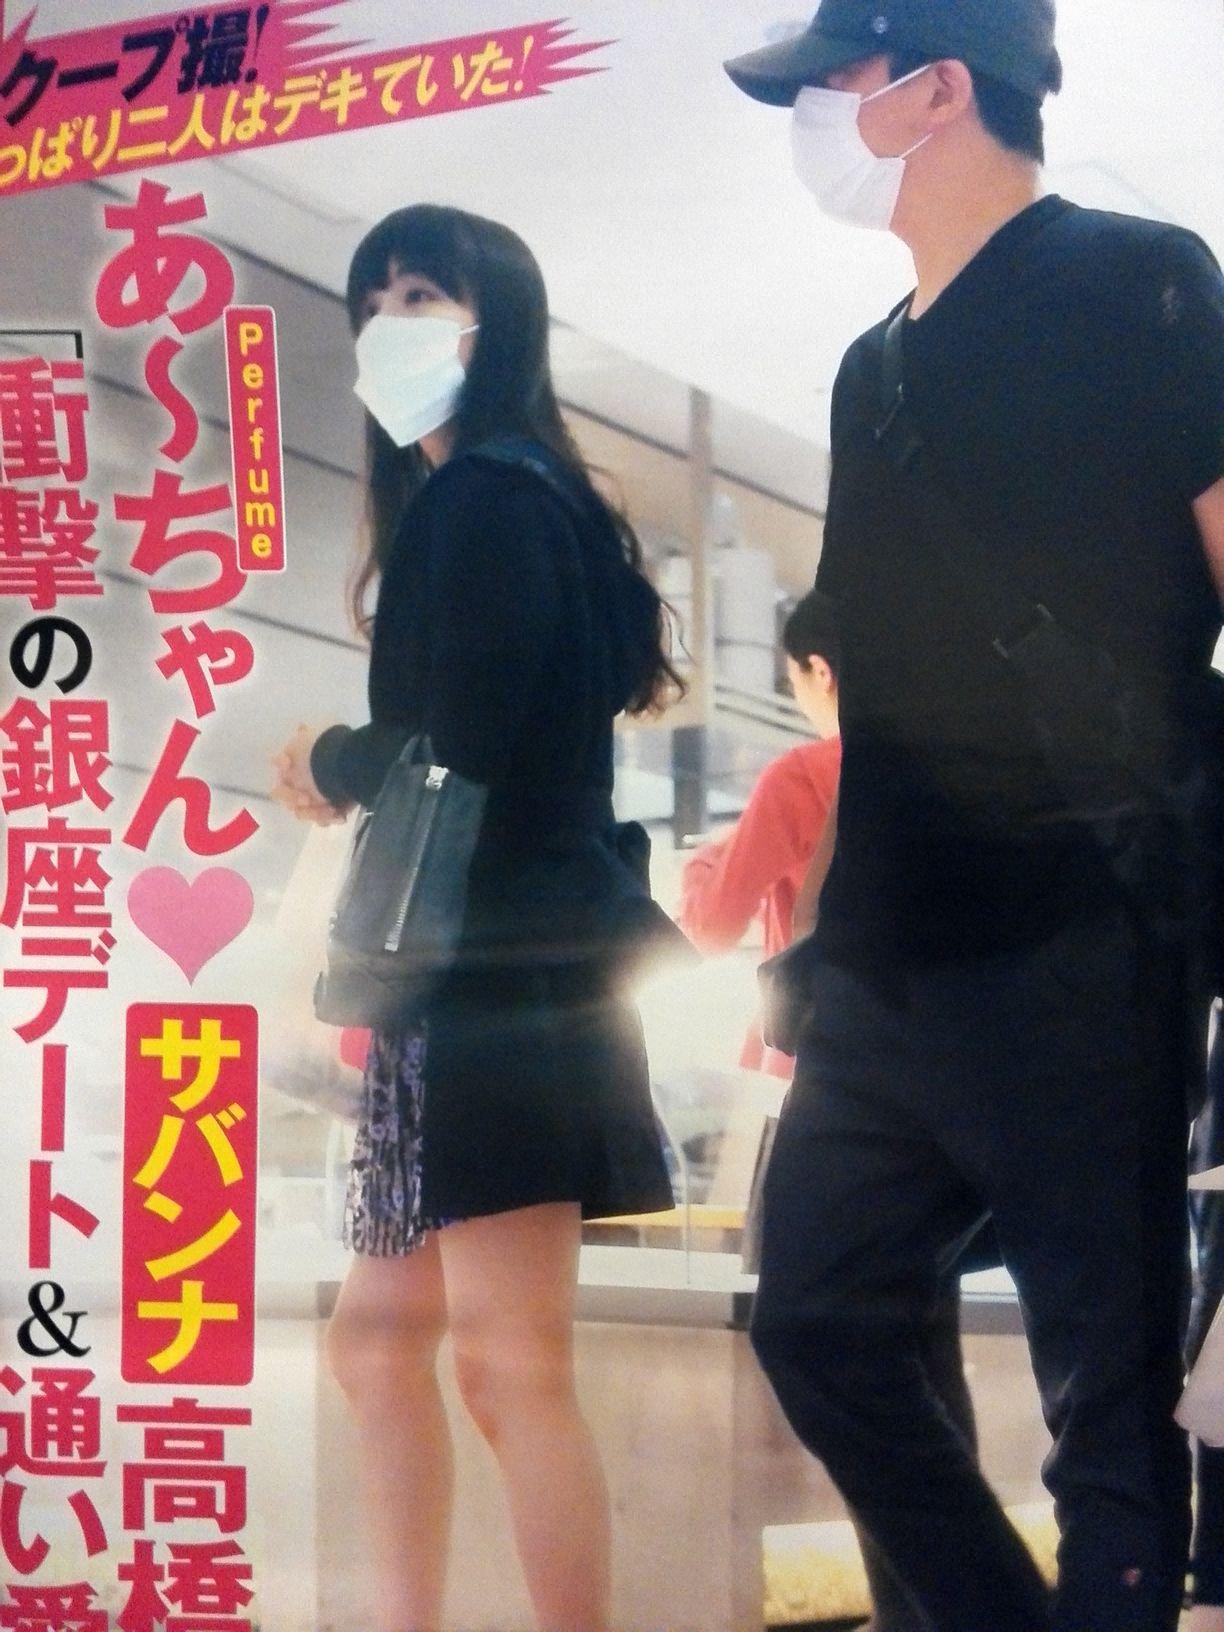 サバンナ高橋がパフューム西脇綾香と熱愛交際!二人で渡米?【画像】のサムネイル画像